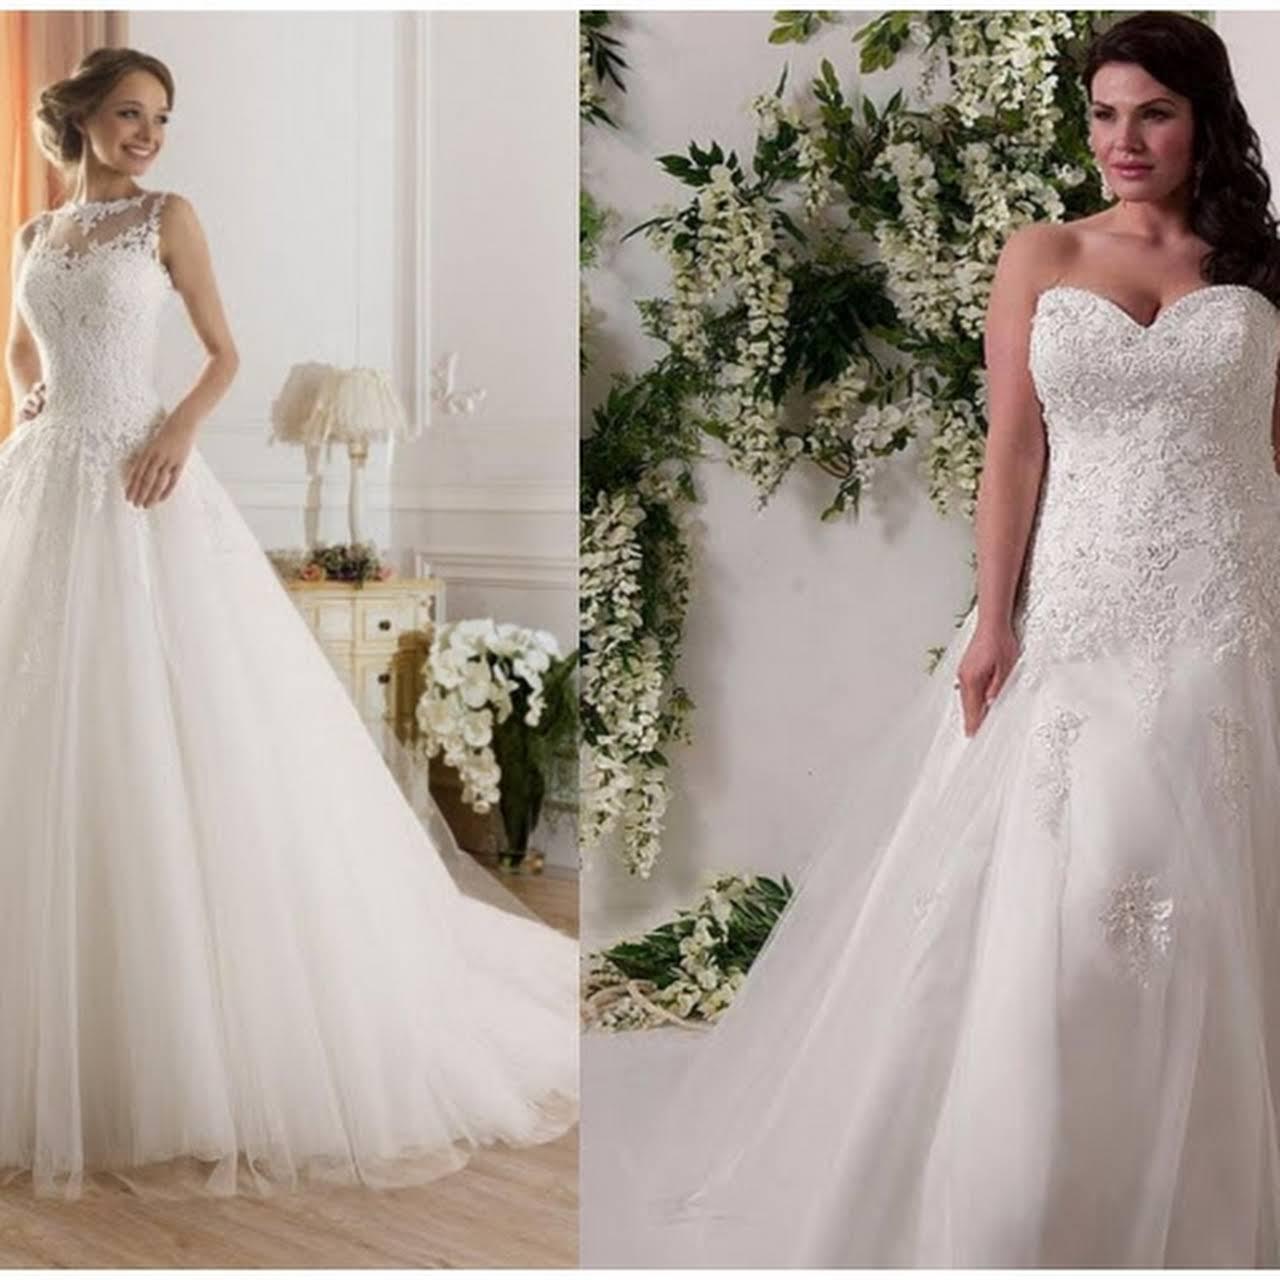 953590f9e346 Hollywood Style - svatební a společenské šaty - Svatební Salón v ...